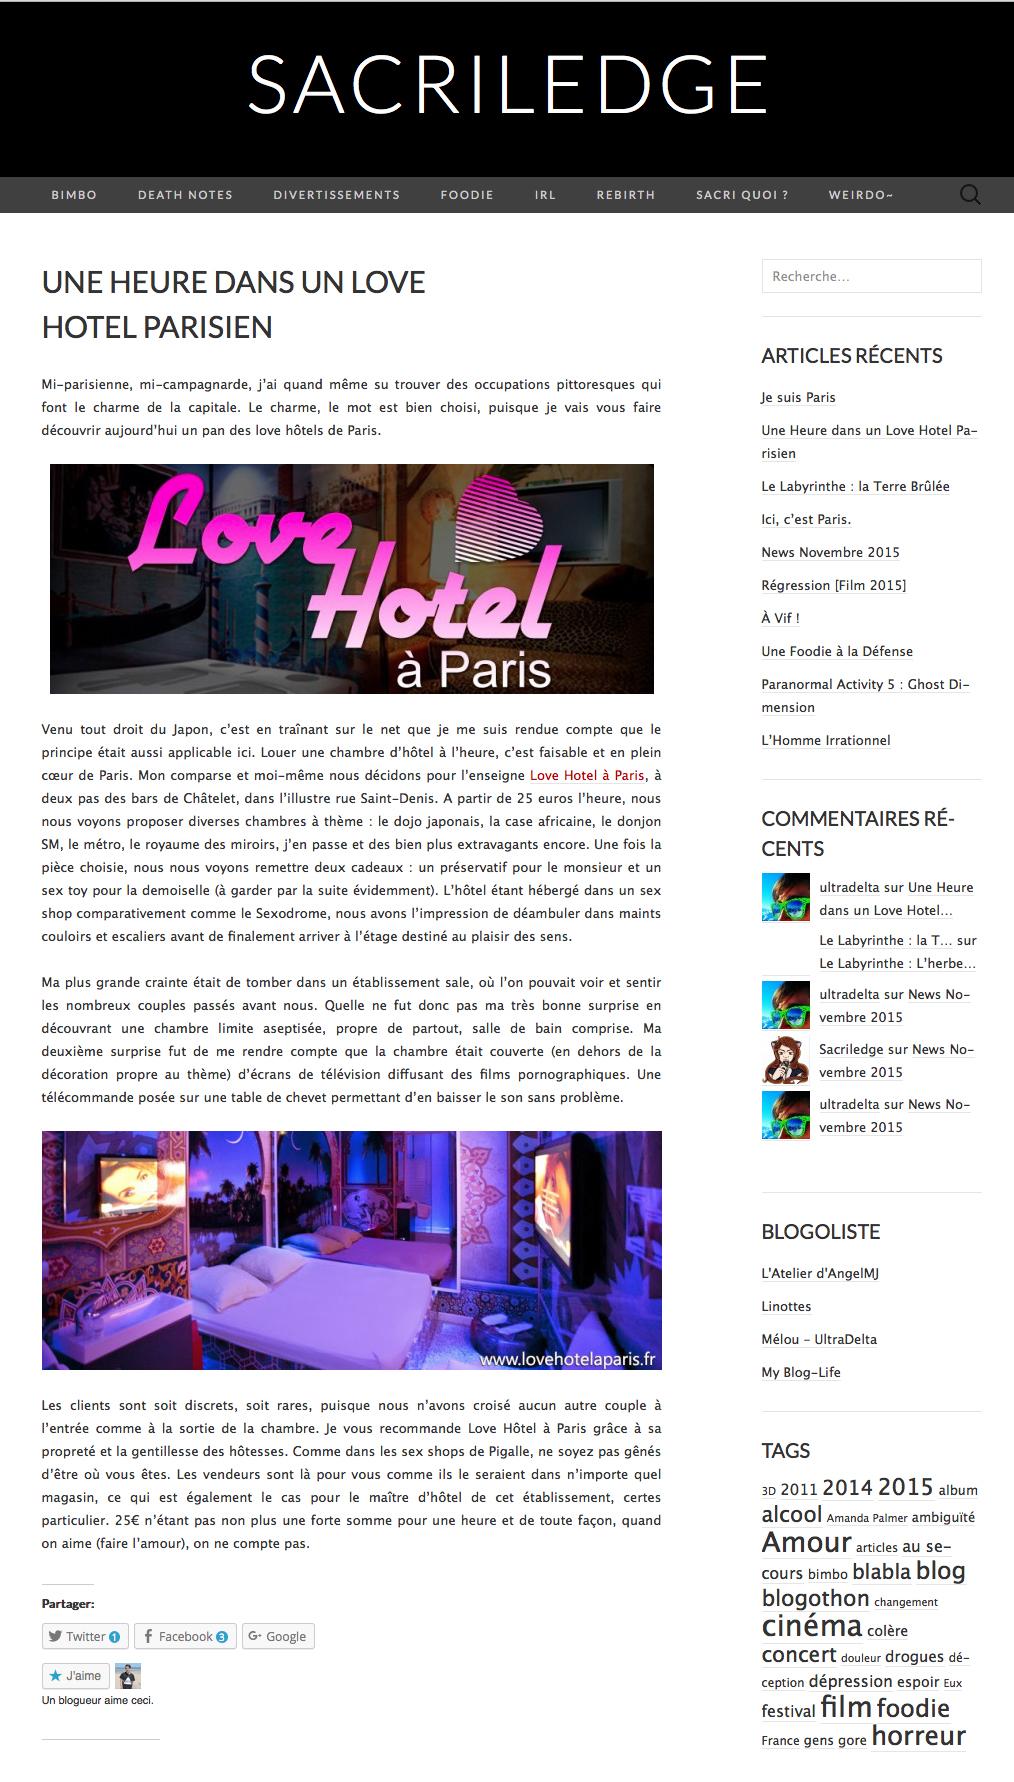 Sacriledge a testé le Love Hotel